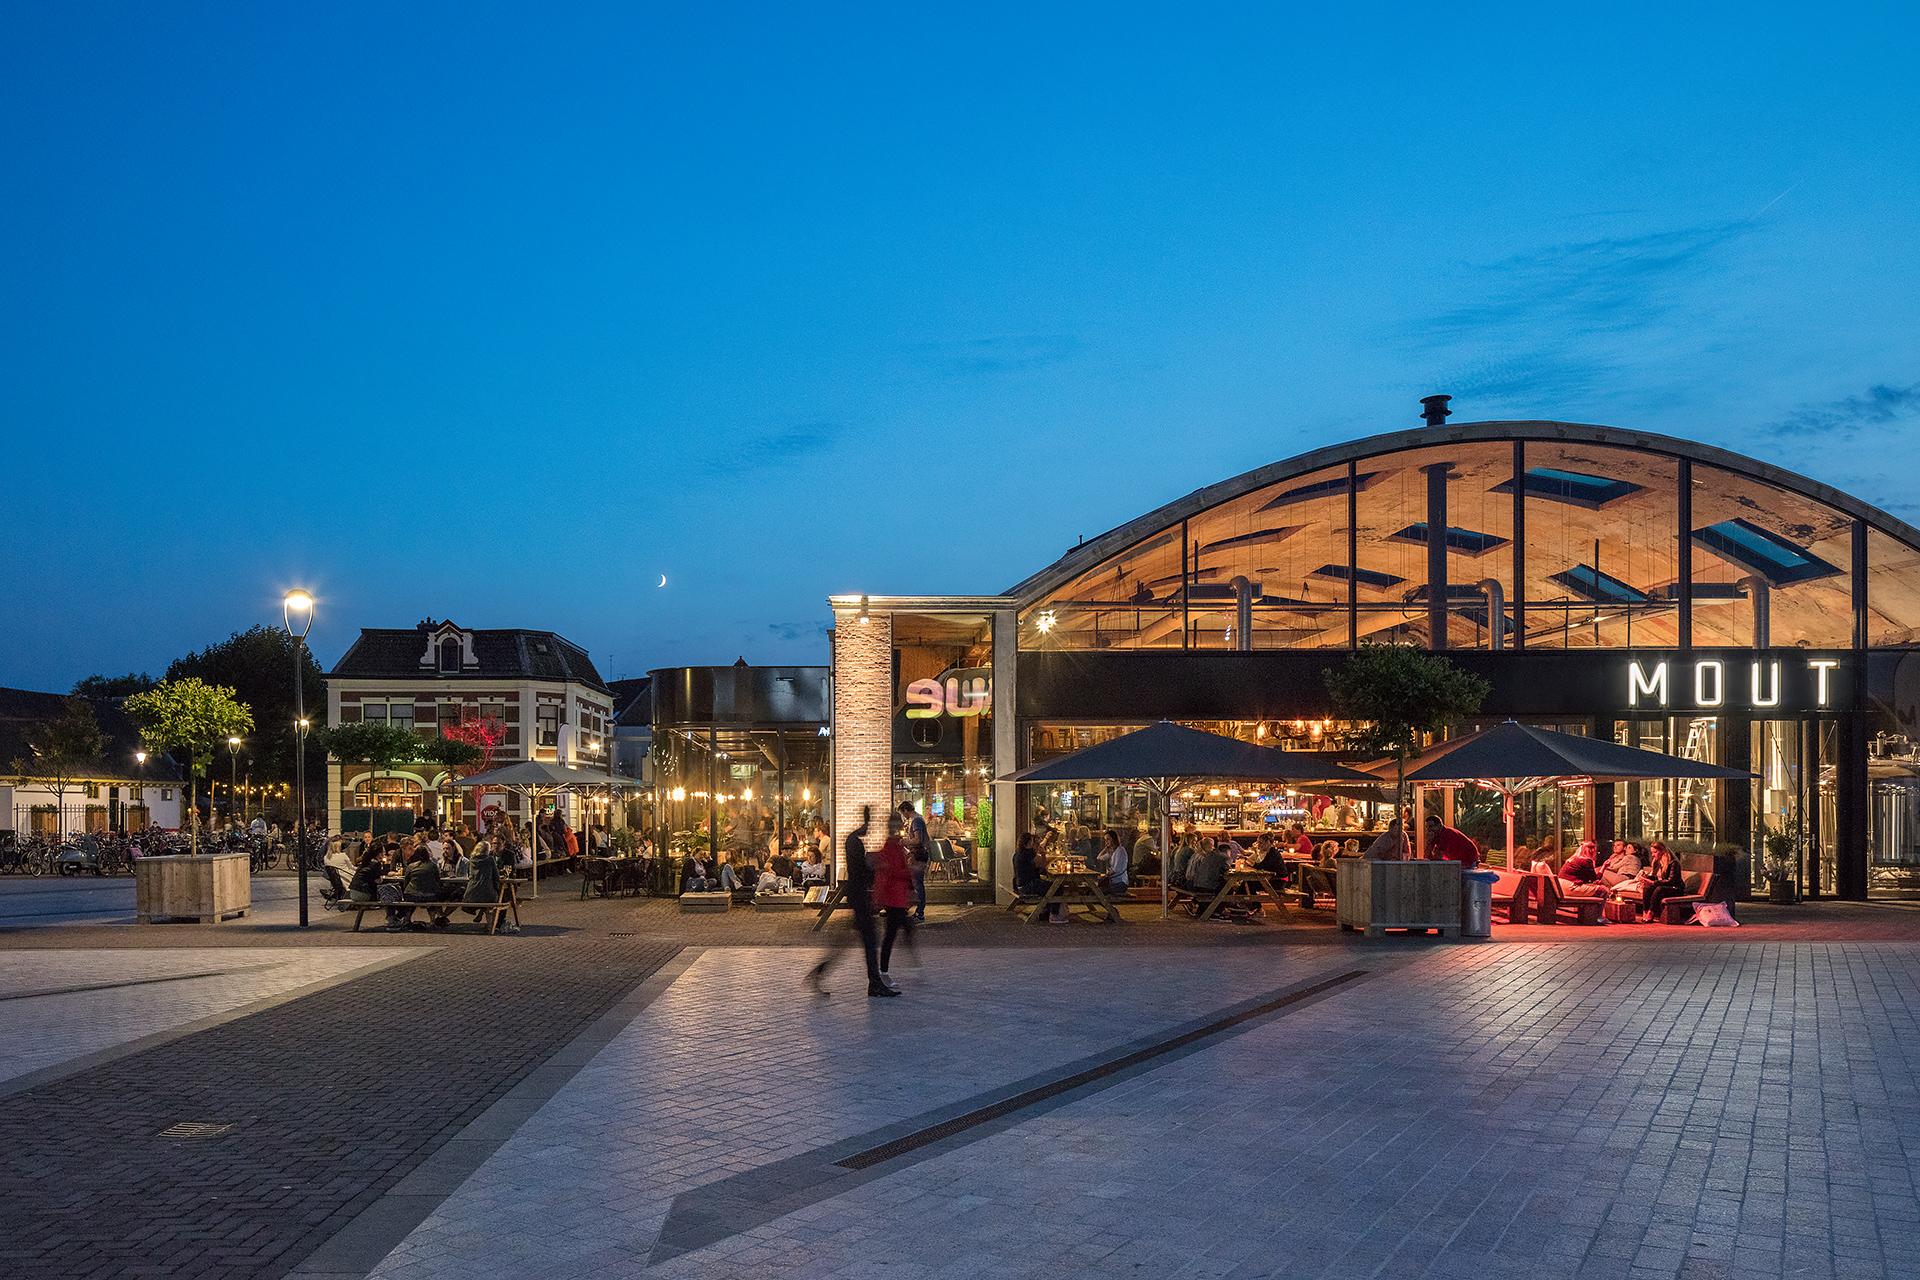 SP2017-MOUT-Hilversum-29-HiRes